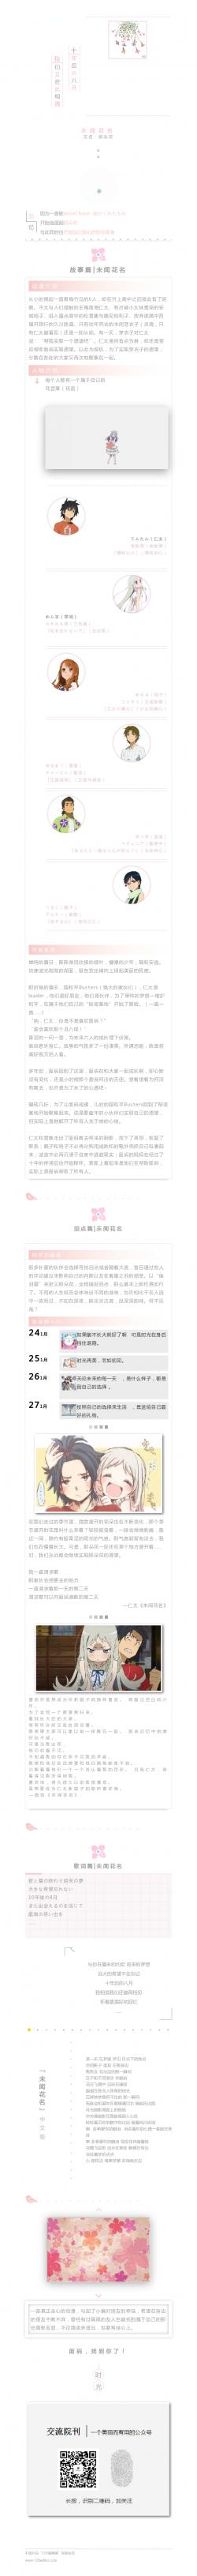 动漫作品粉色清新风格微信图文消息模板